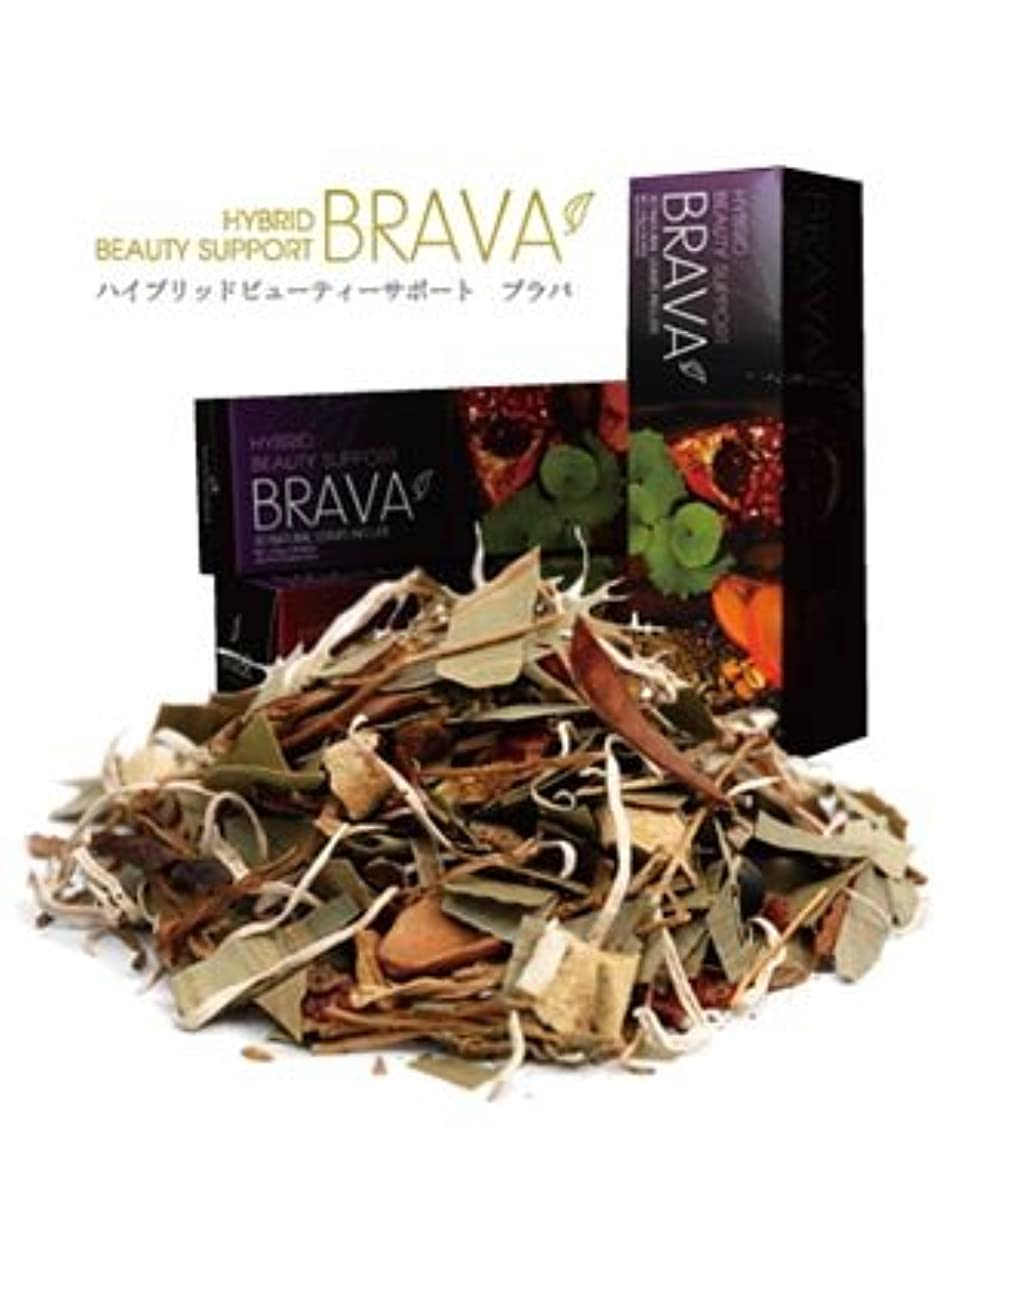 概要純度広まったハイブリッドビューティサポート BRAVA(ブラバ) 20包